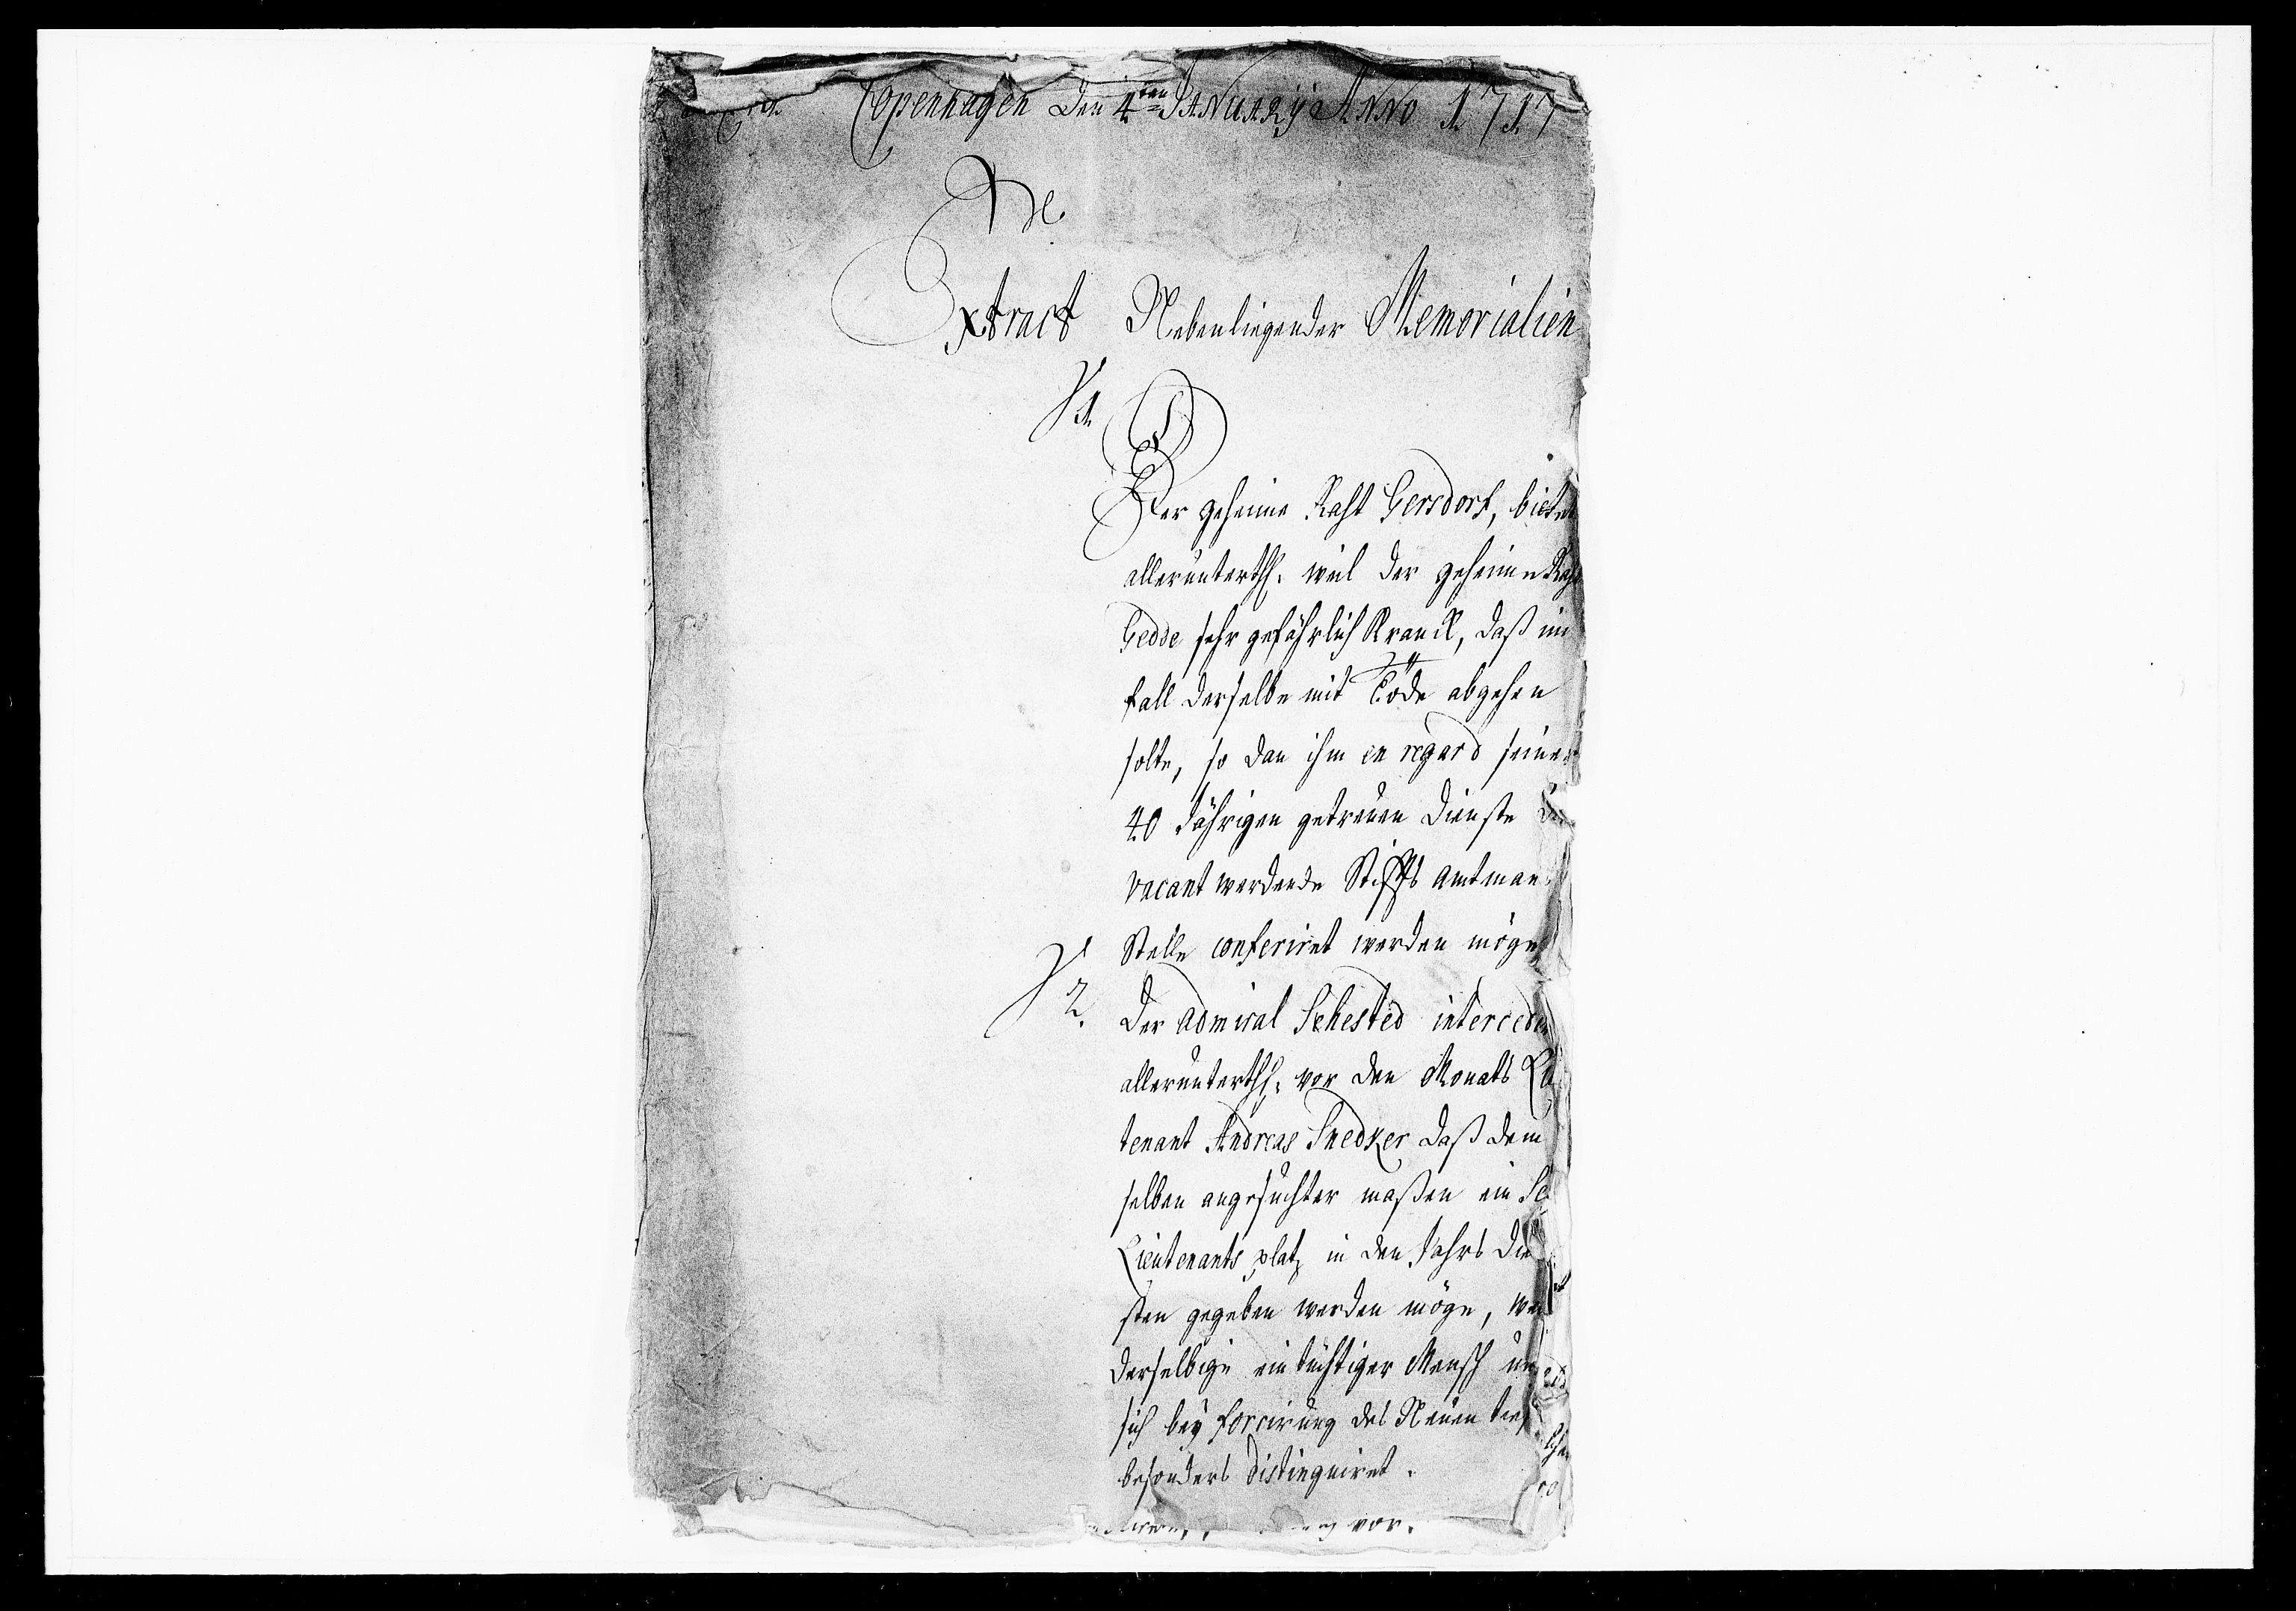 DRA, Krigskollegiet, Krigskancelliet, -/1037-1045: Refererede sager, 1717, s. 2